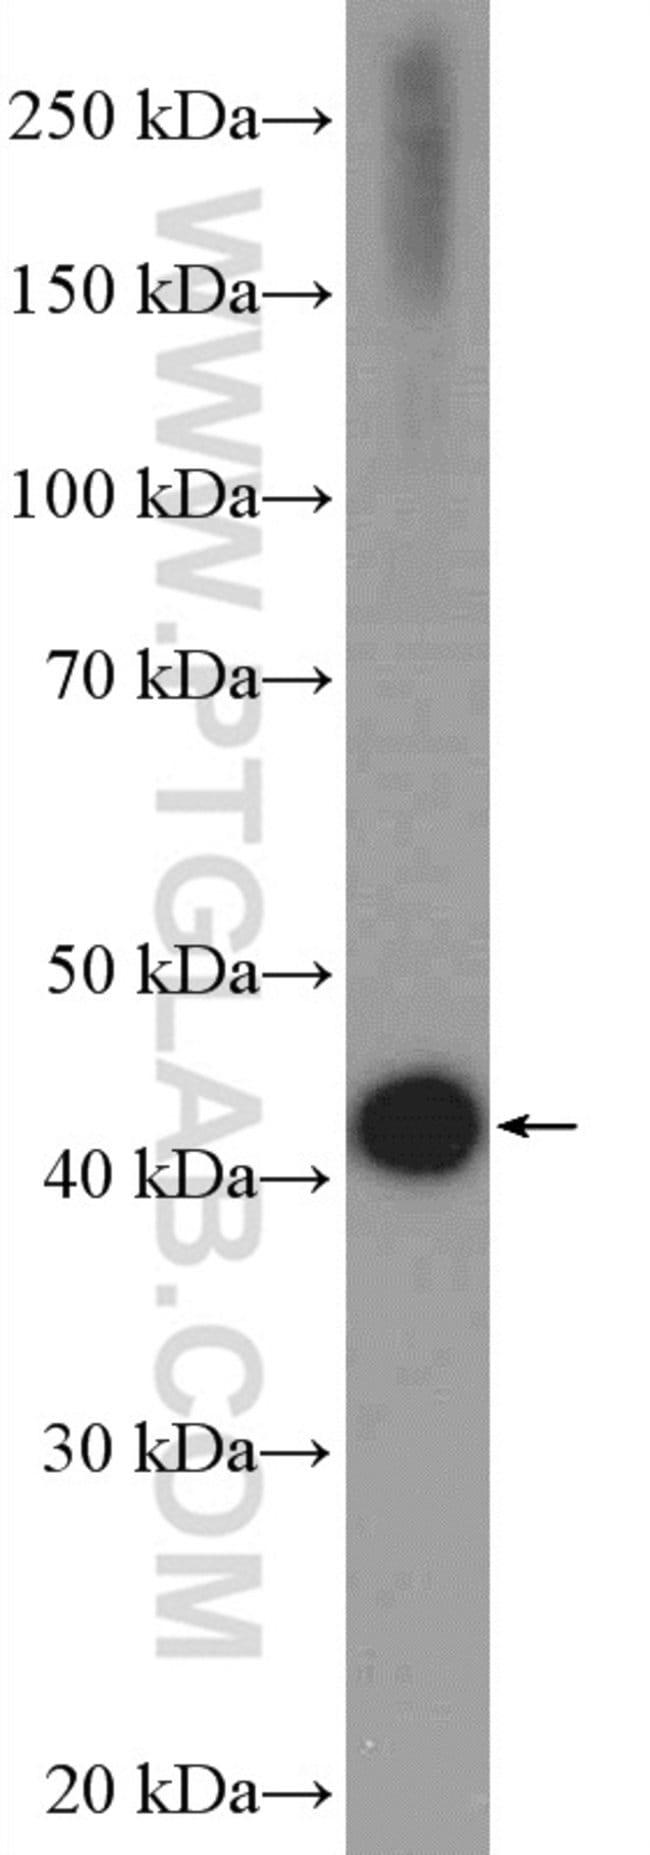 HTRA1 Rabbit anti-Human, Mouse, Rat, Polyclonal, Proteintech 150 μL; Unconjugated voir les résultats